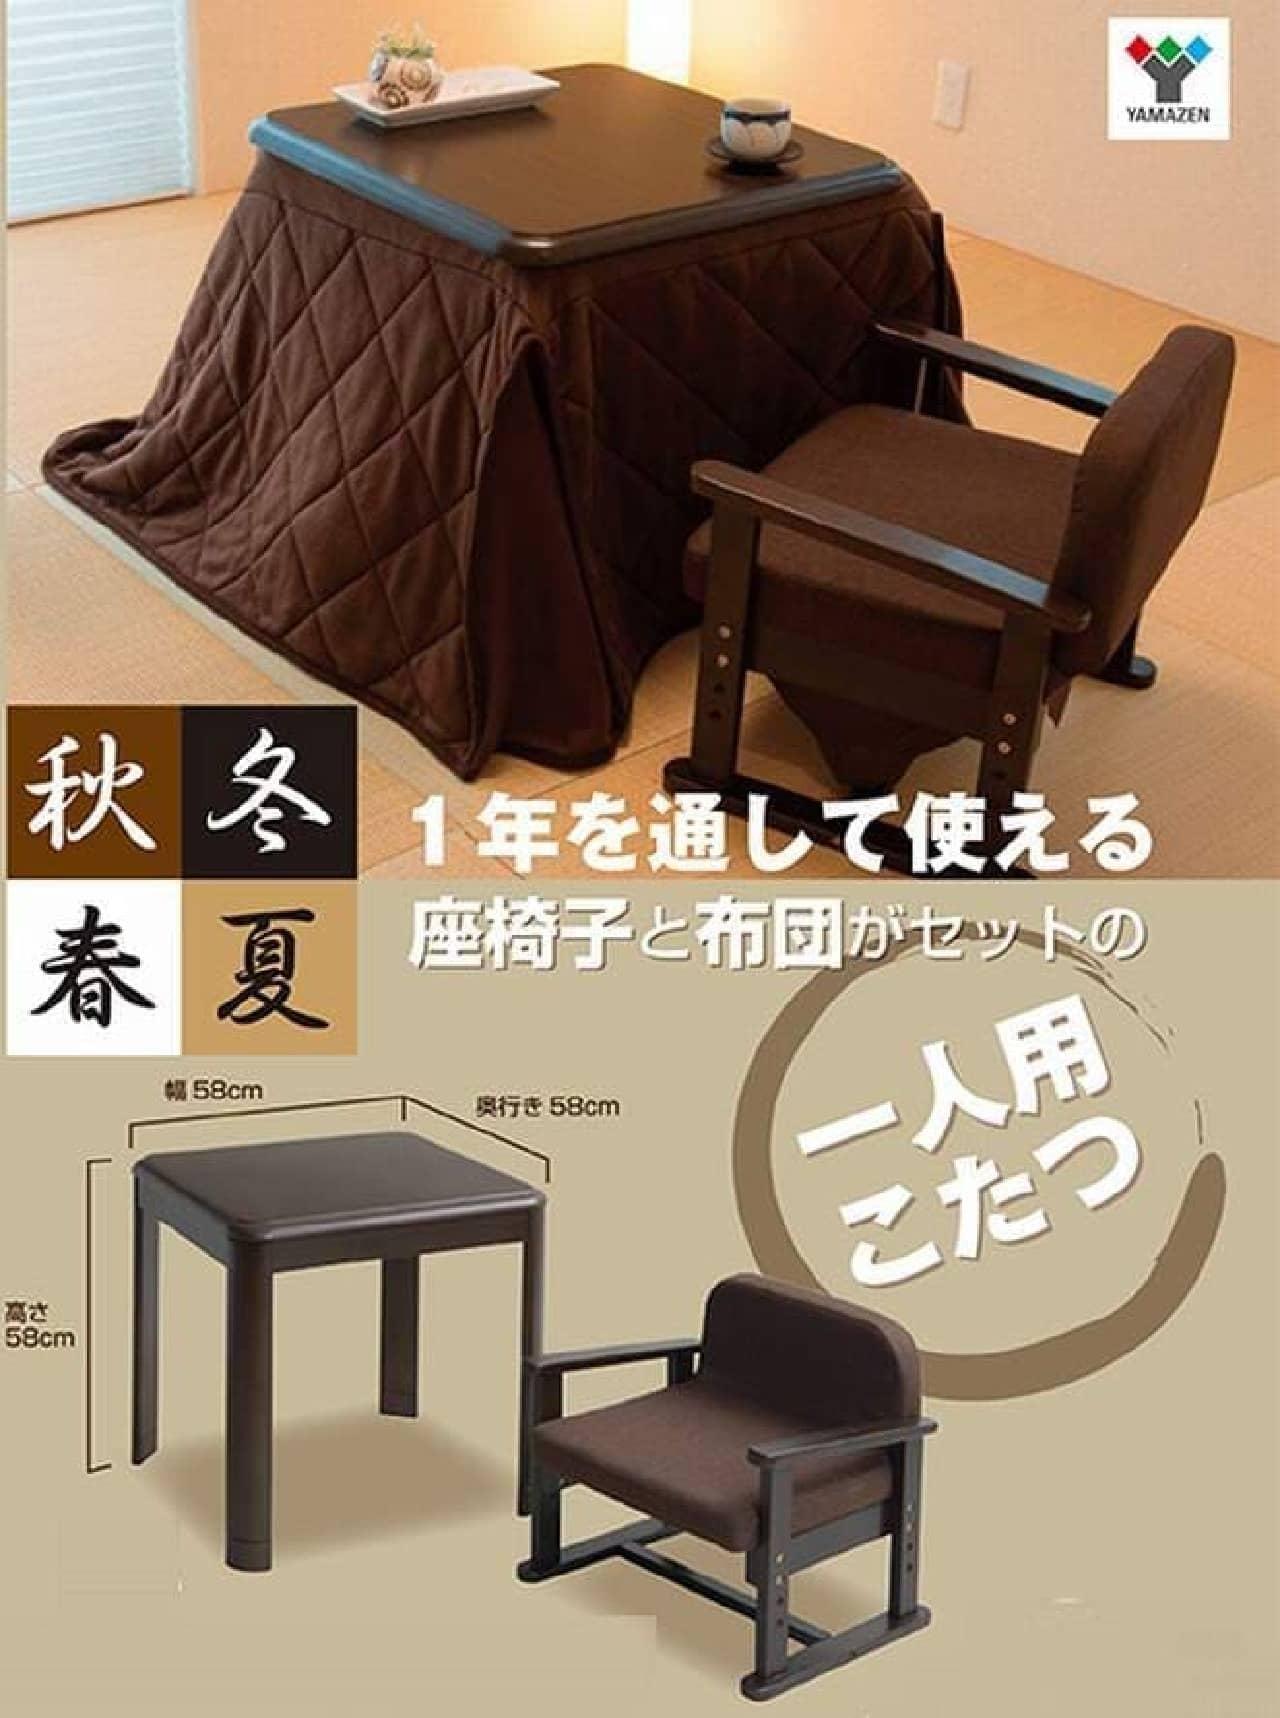 椅子は、人間に留まるための防波堤?